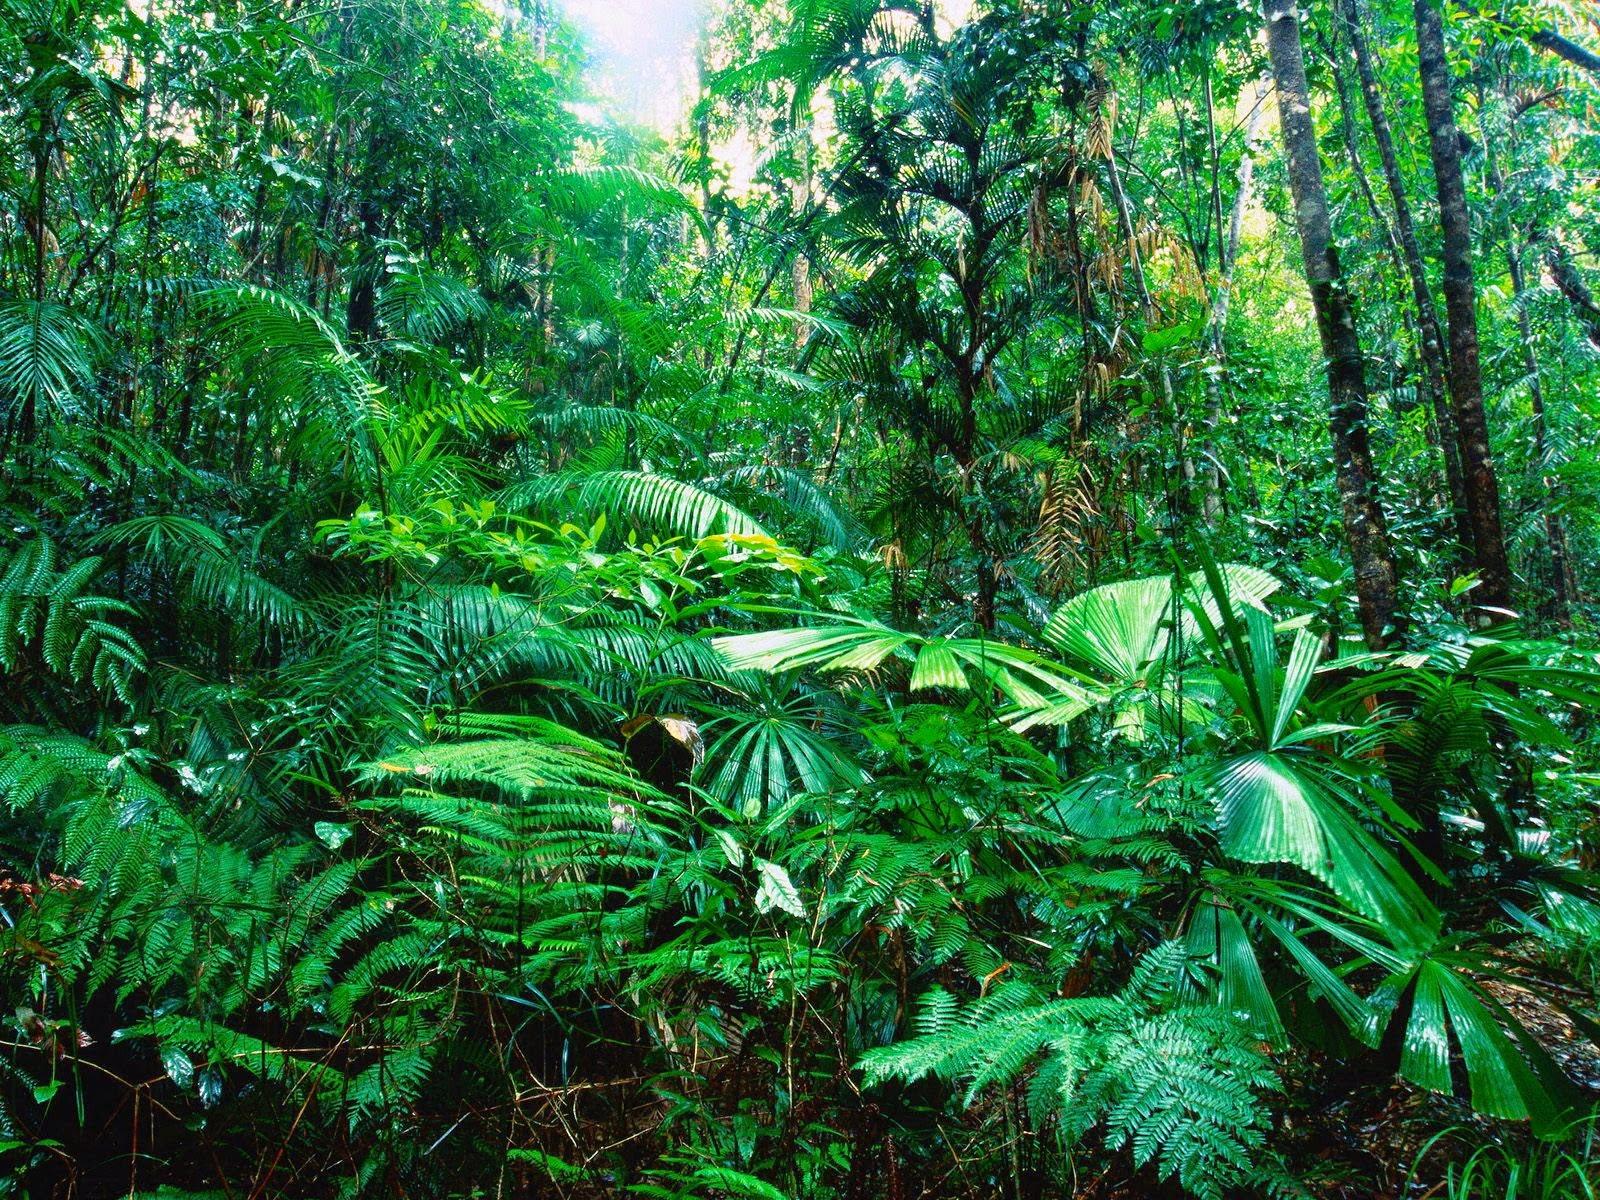 2015 03 22 Plantas tropicales interior